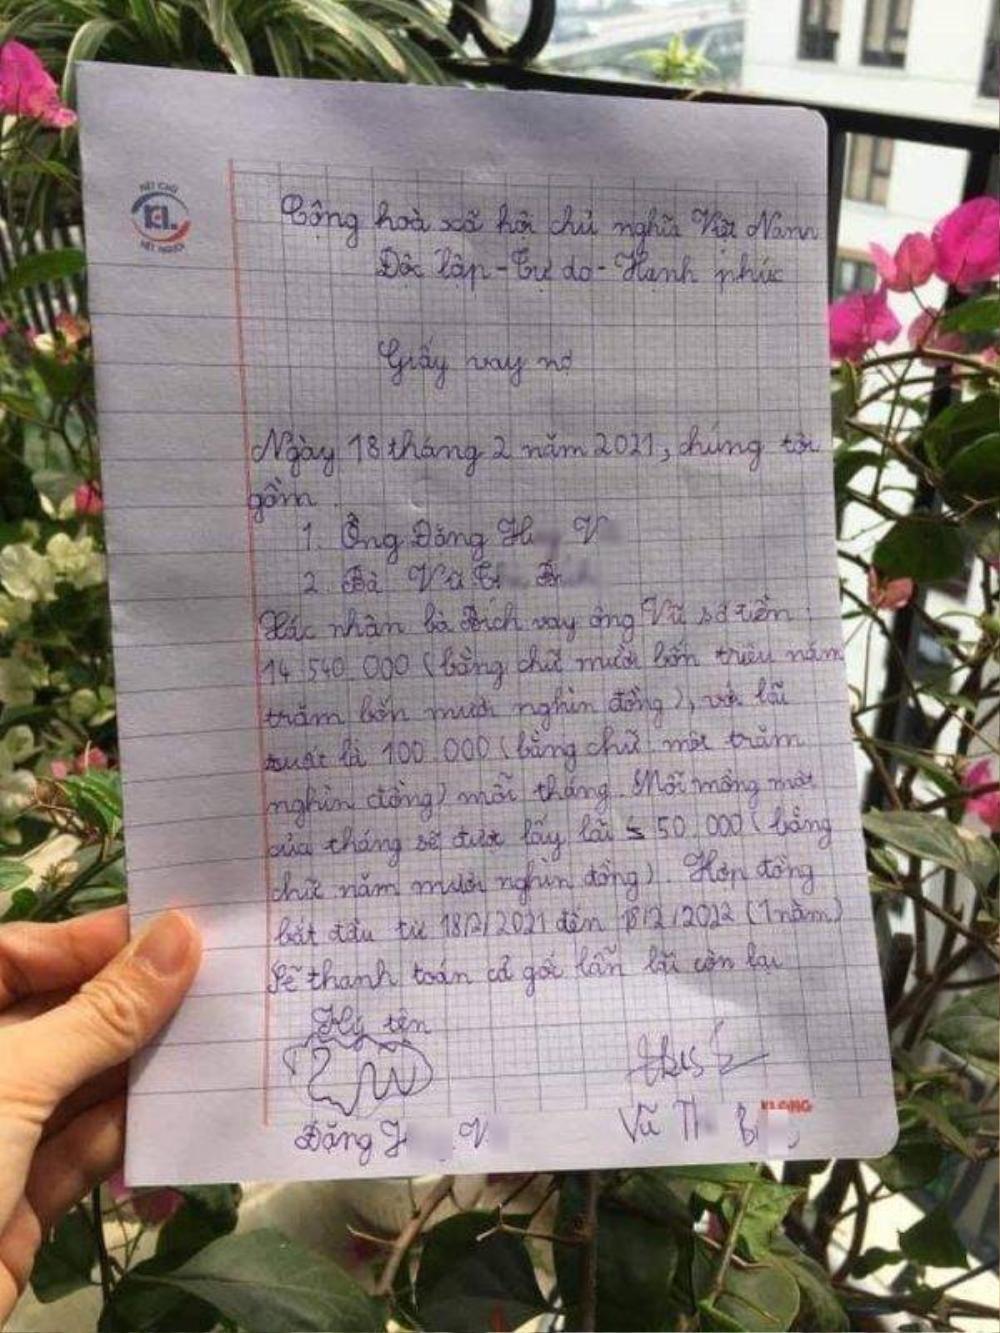 Được yêu cầu 'đưa tiền lì xì mẹ giữ cho', cậu bé 'linh cảm điều chẳng lành' liền viết cả giấy vay nợ Ảnh 1